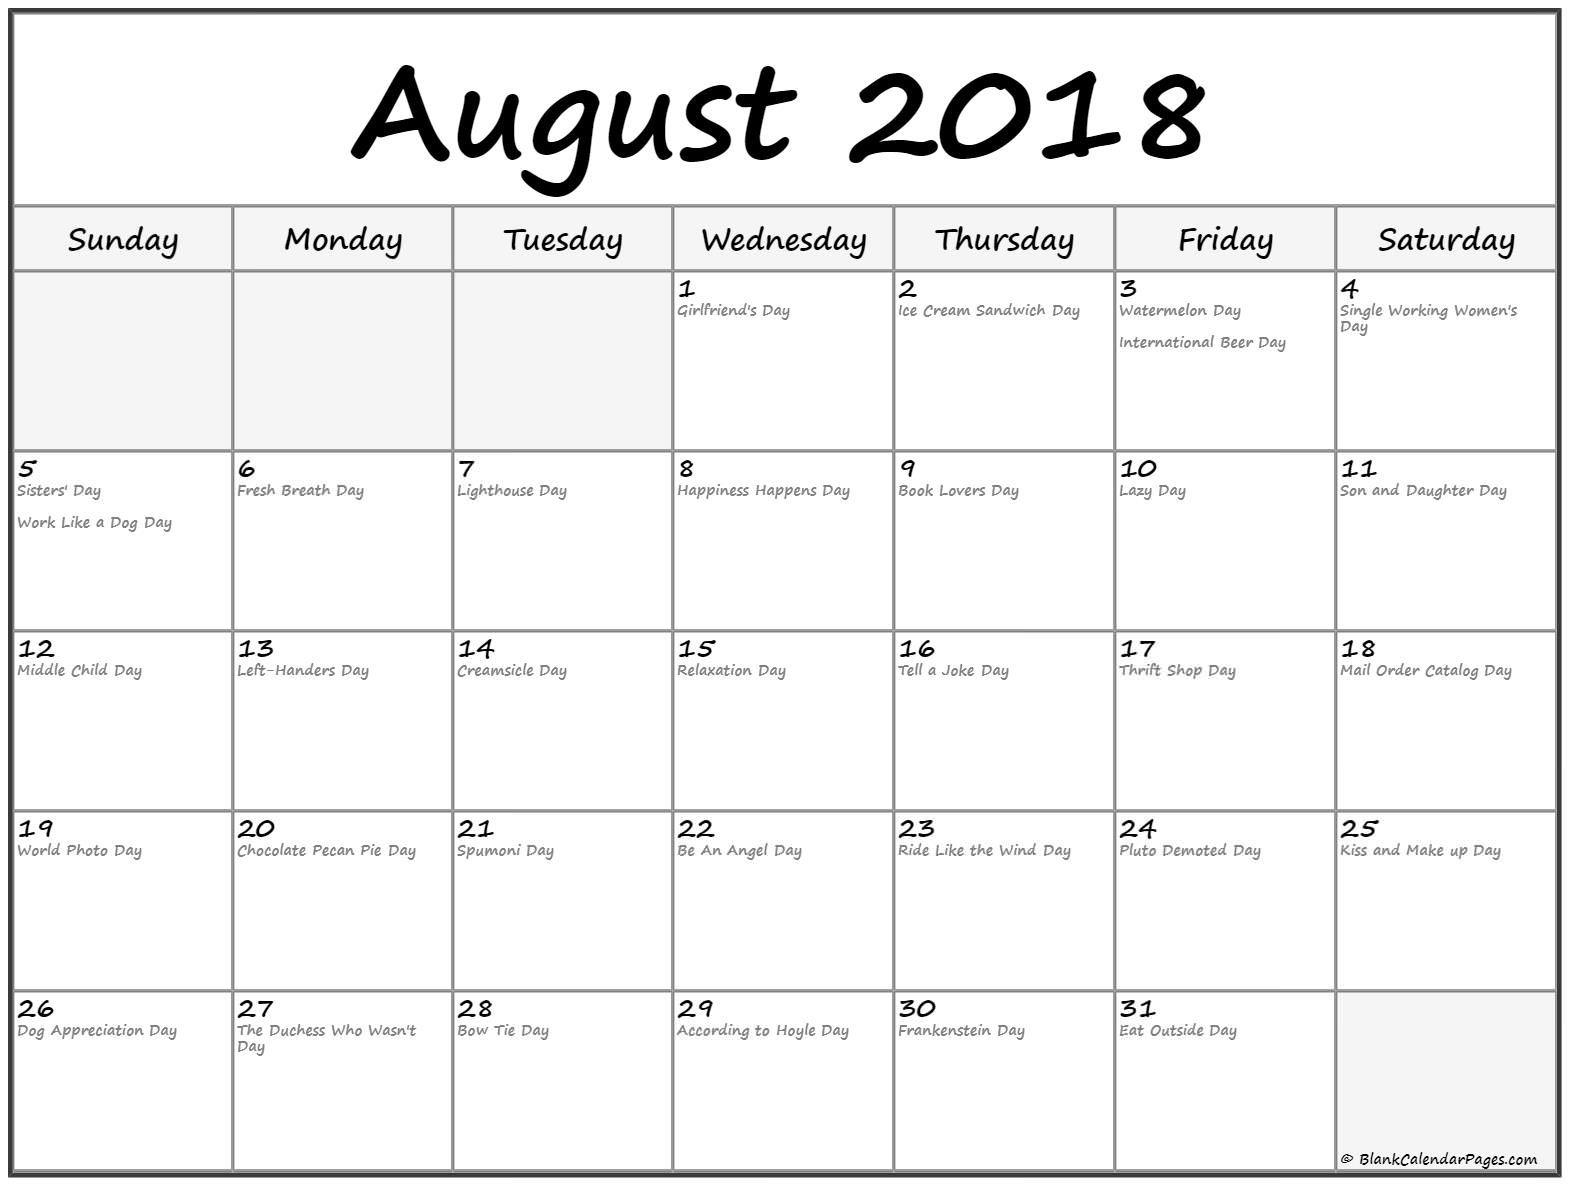 August 2018 Calendar With Holidays Funny August Calendar